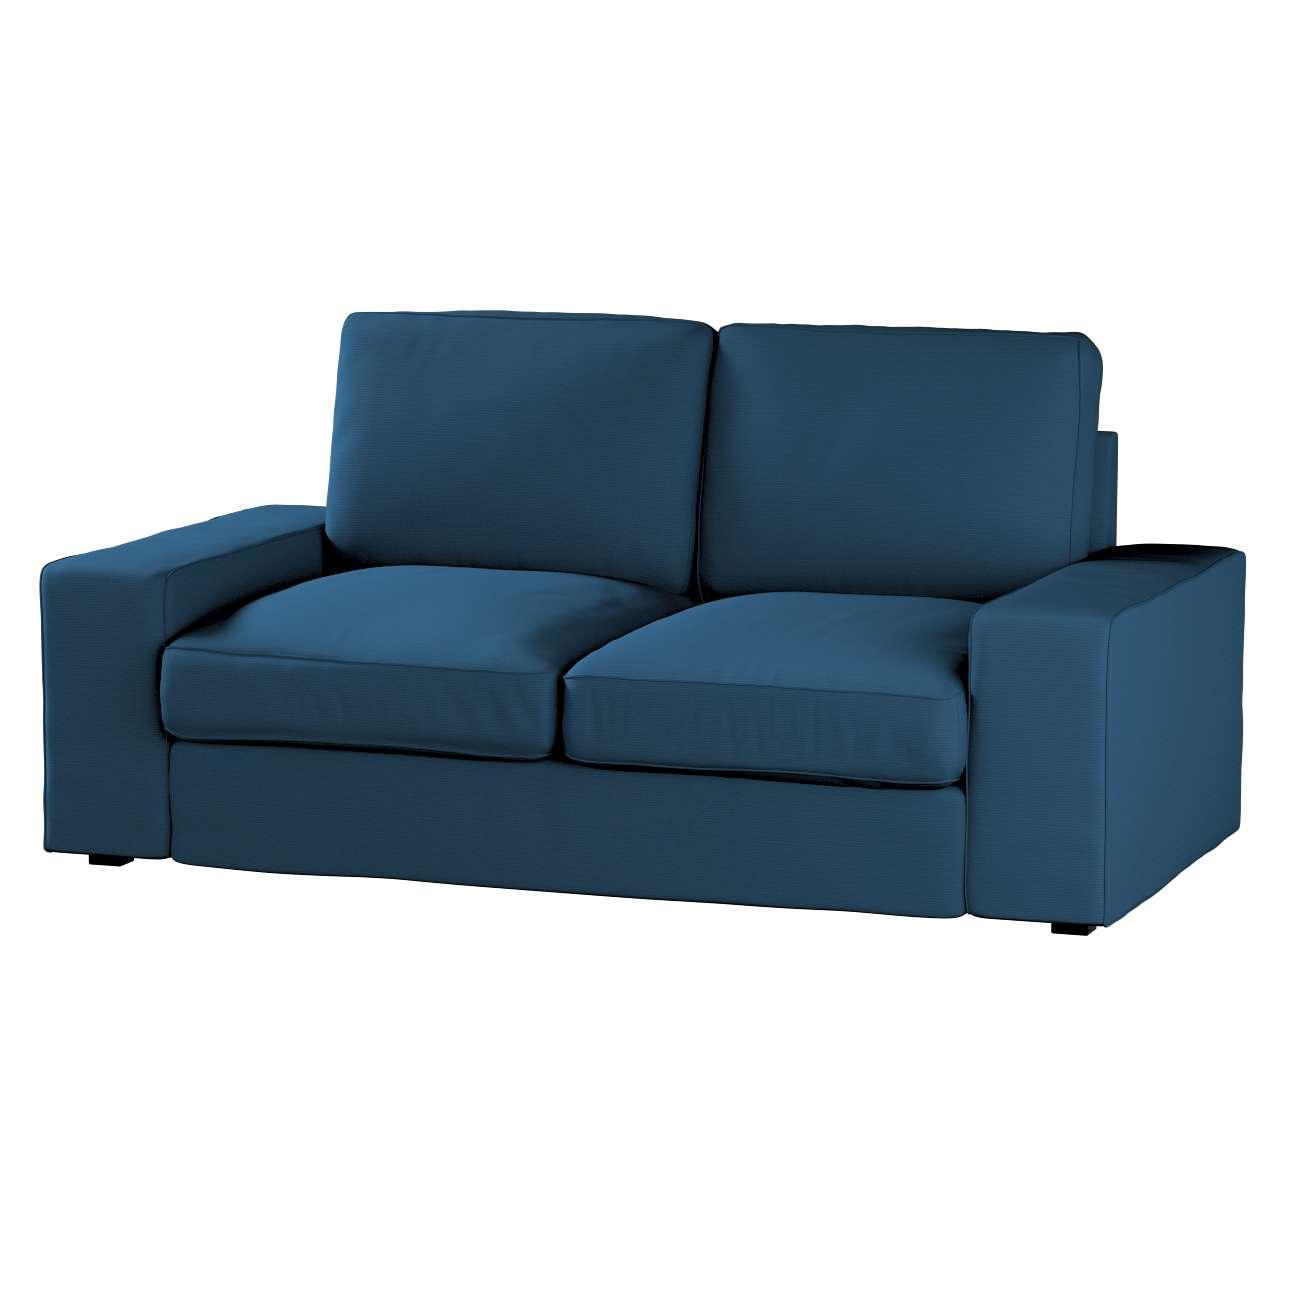 KIVIK dvivietės sofos užvalkalas Kivik 2-seat sofa kolekcijoje Cotton Panama, audinys: 702-30